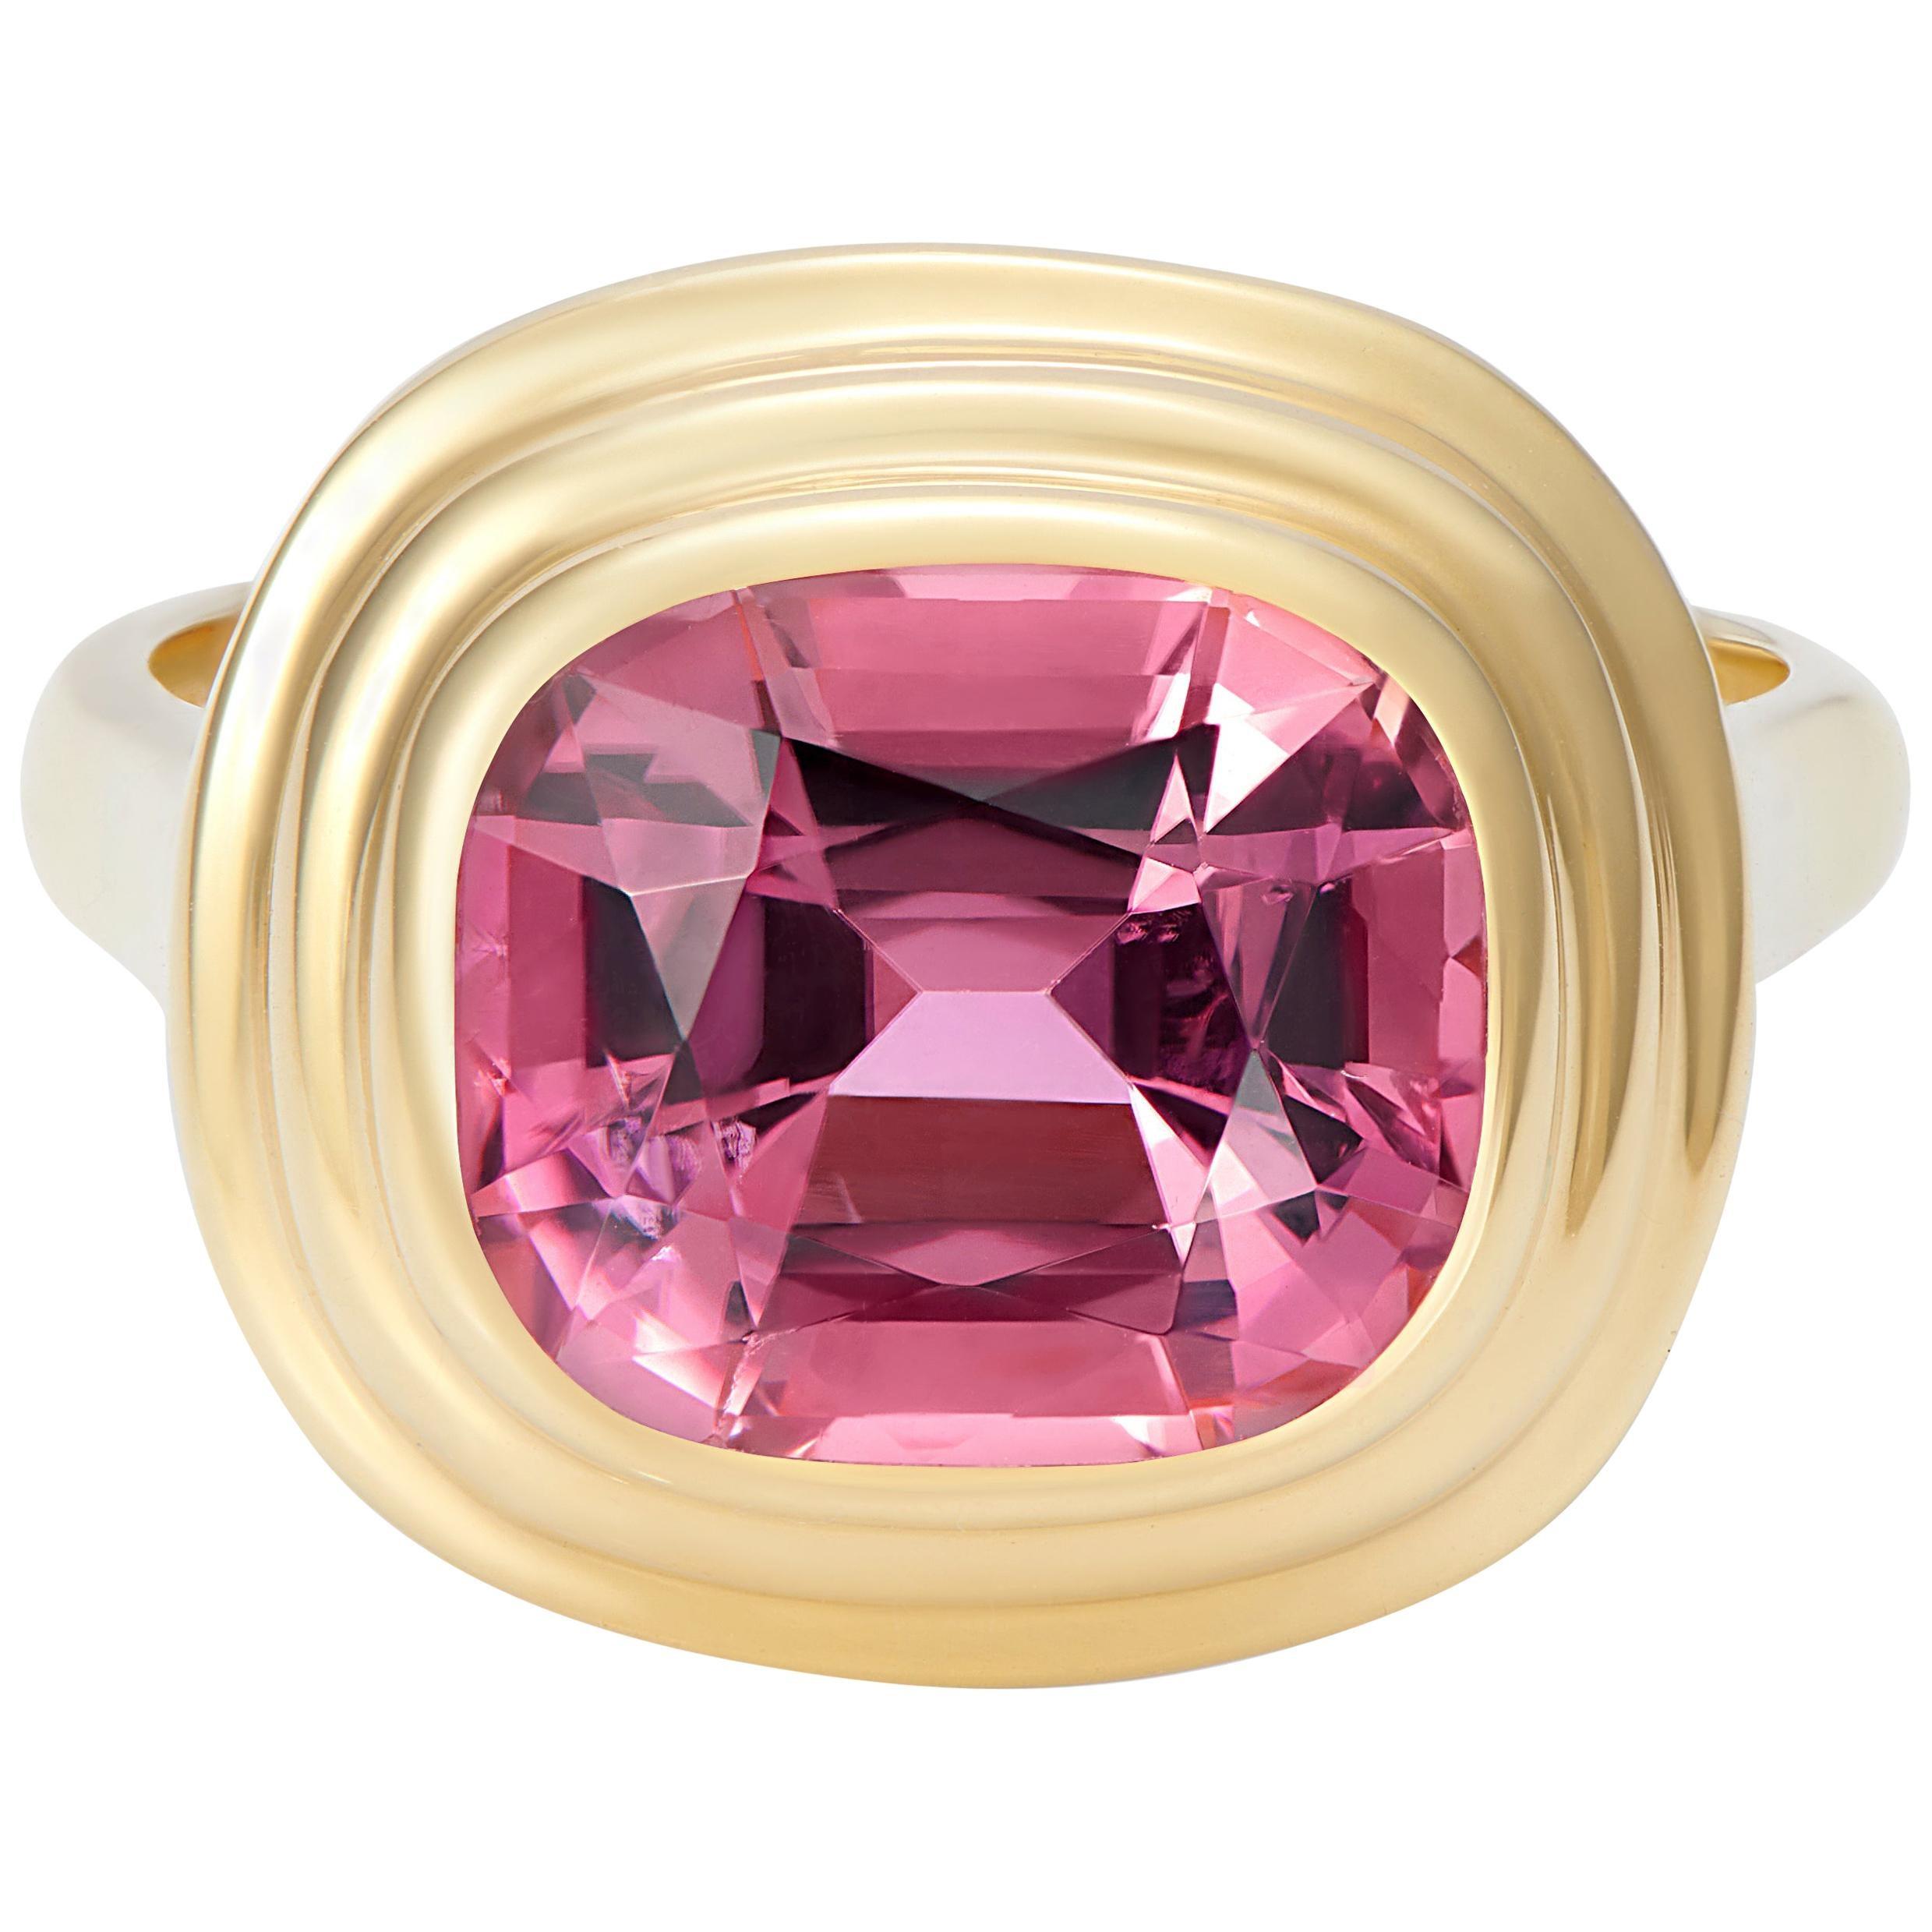 Minka Jewels, 4.80 Carat Pink Tourmaline Athena Ring in 18 Karat Yellow Gold